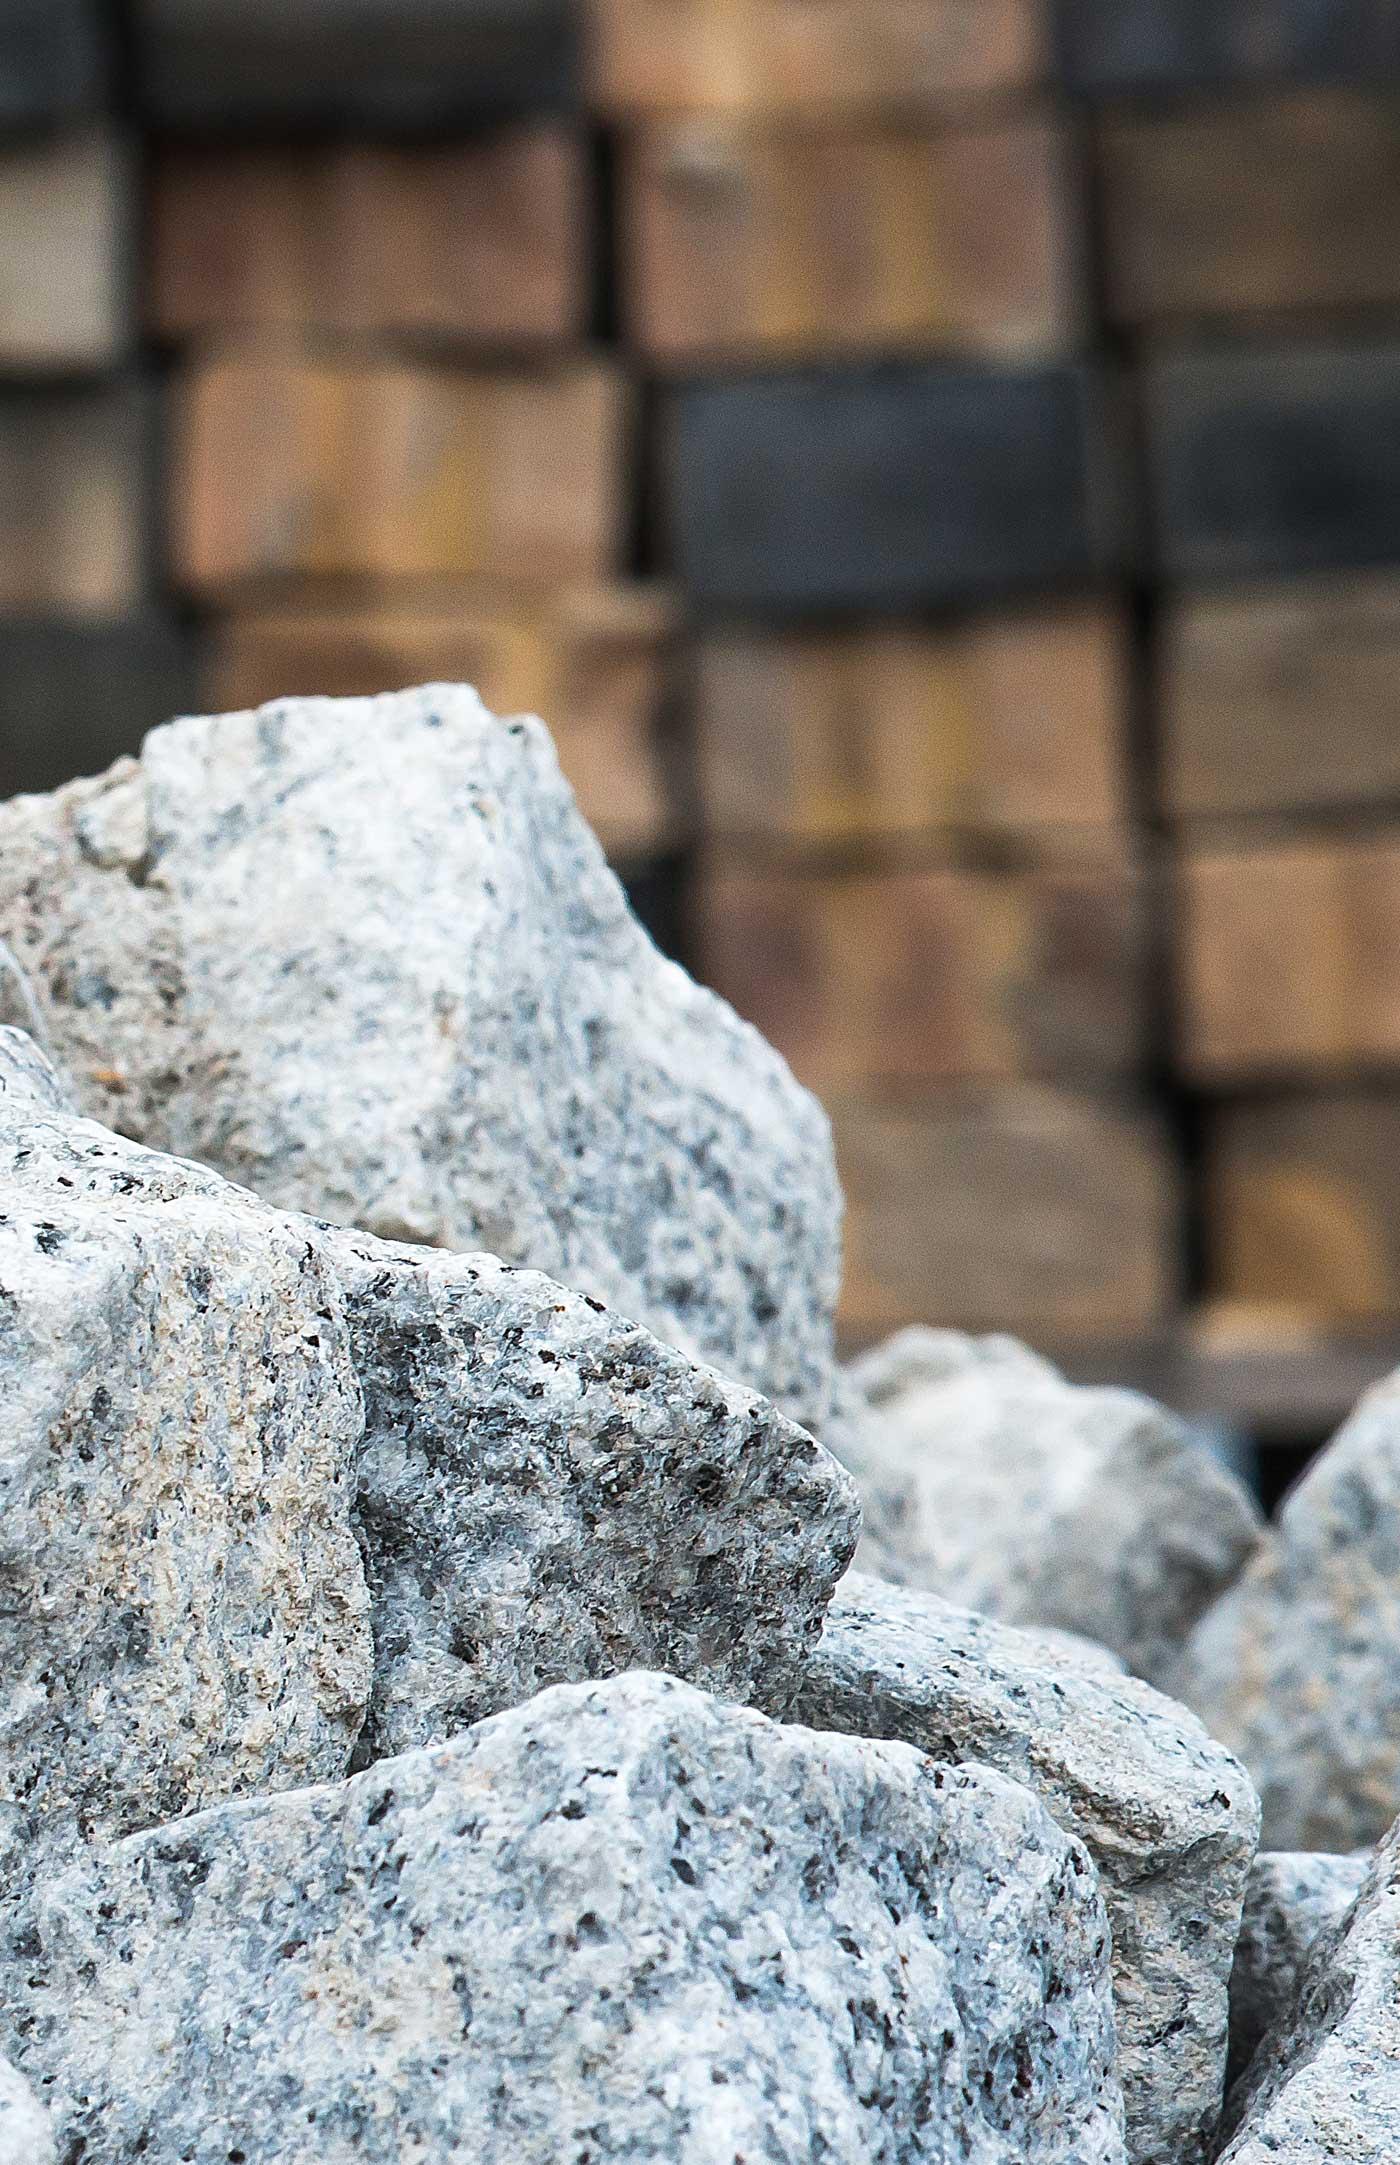 Askani Dienstleistungen - Verkauf Natursteinprodukte